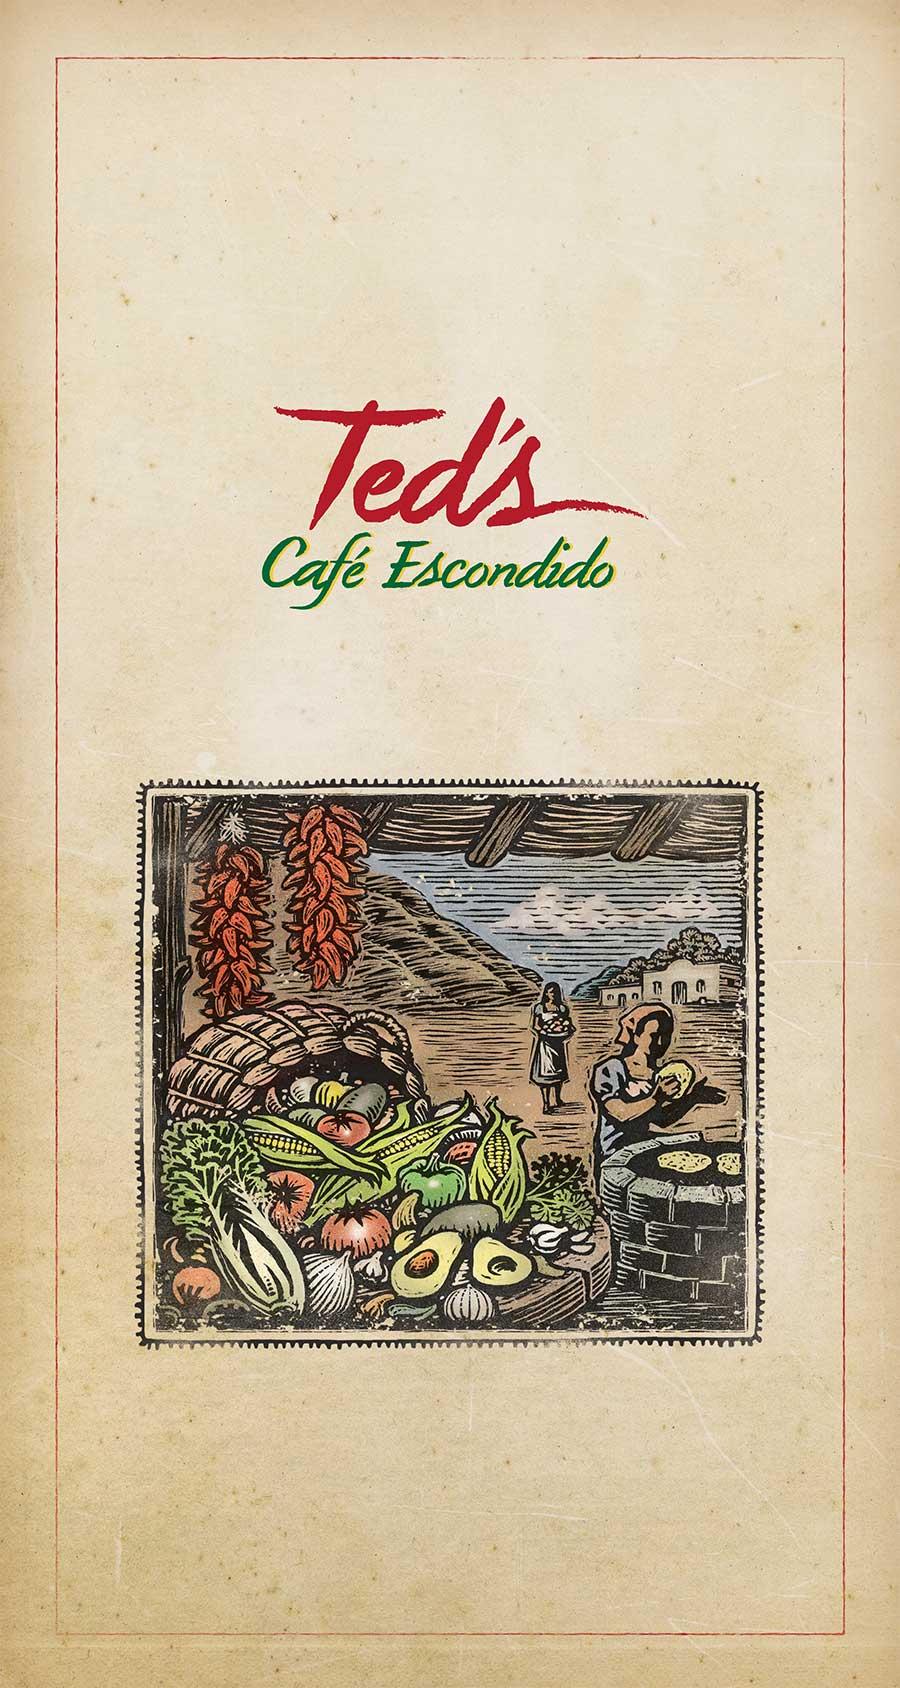 Ted's Cafe Escondido Menu Design